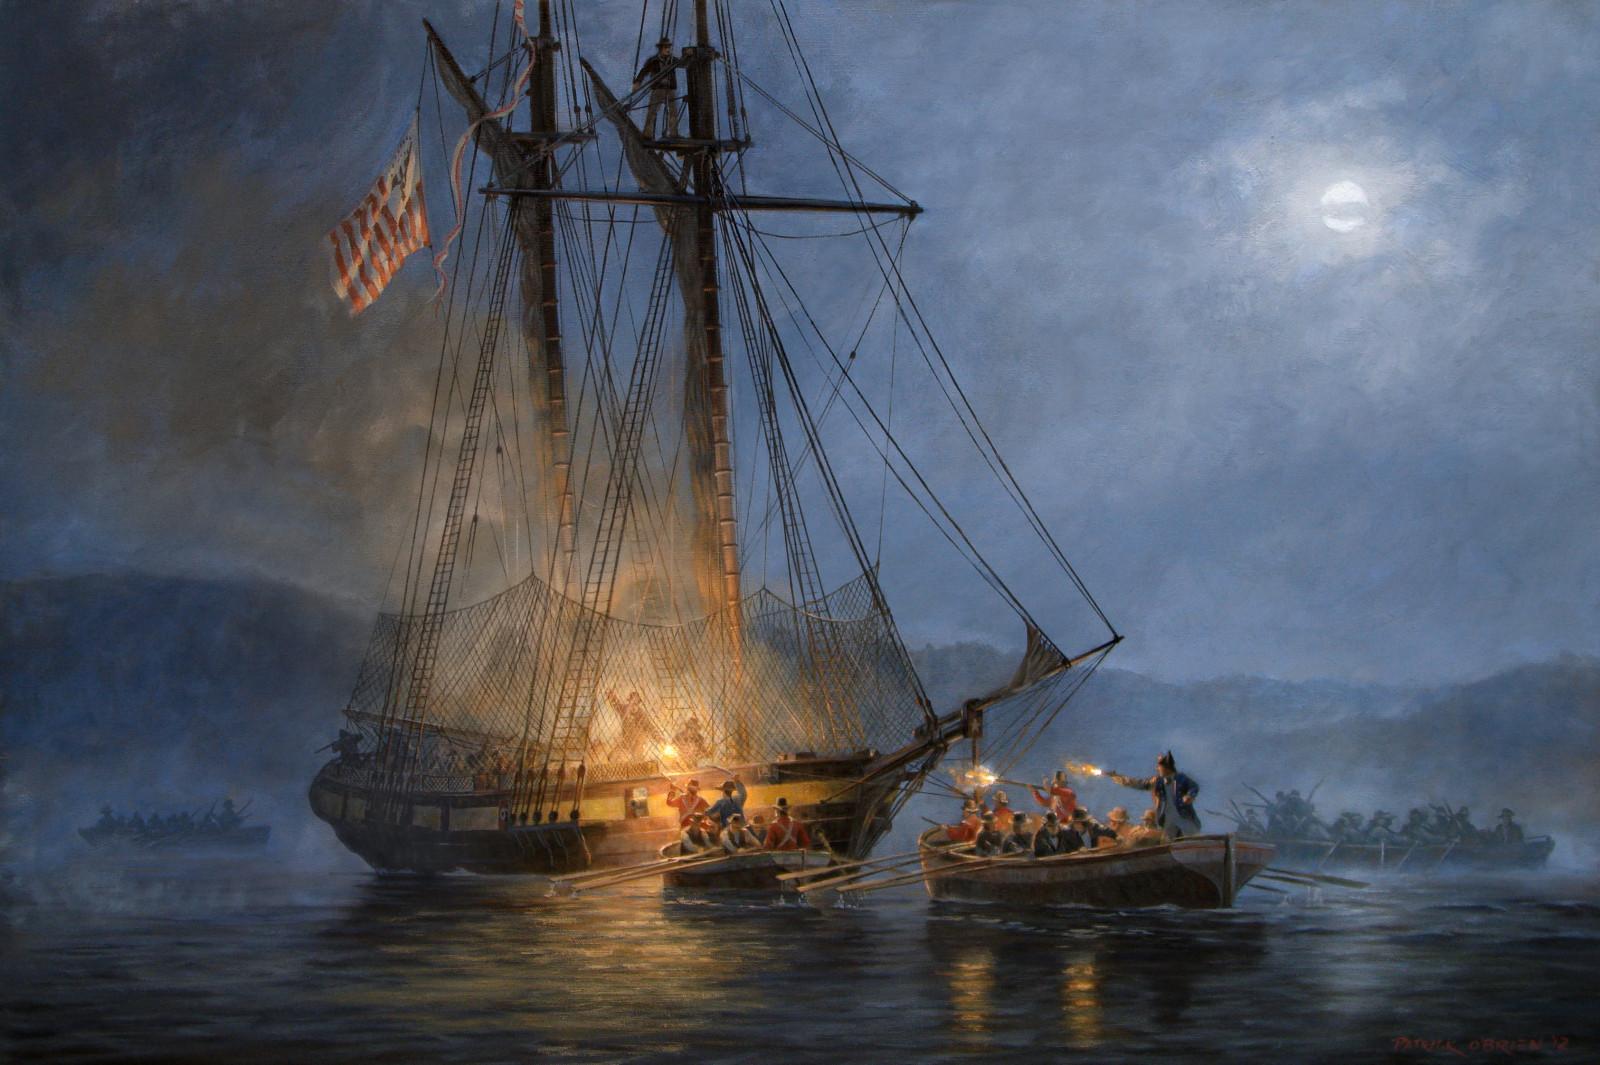 Barque corsaire attaque un navire anglais